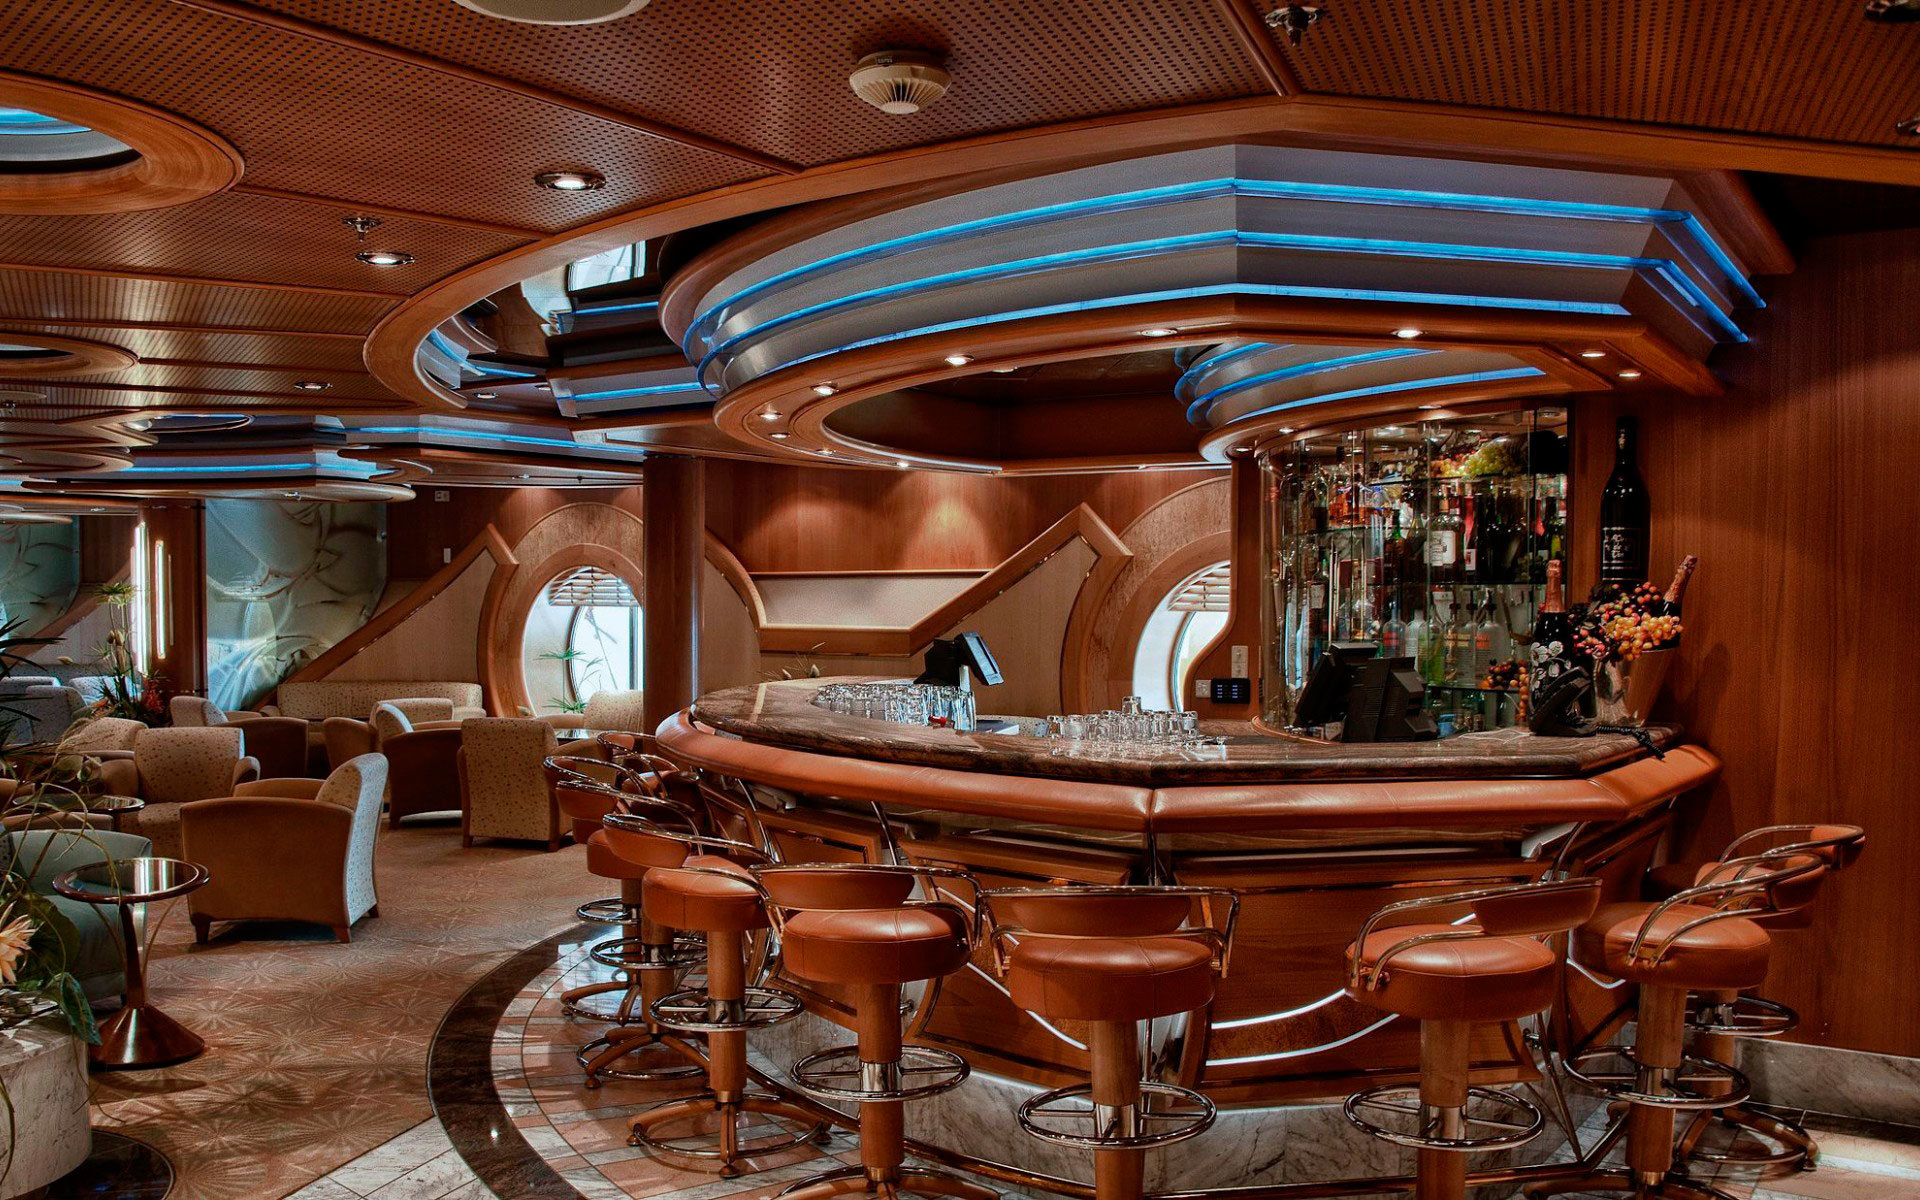 В дорогих элитных заведениях устанавливают барные стойки из дерева - это классический вариант.